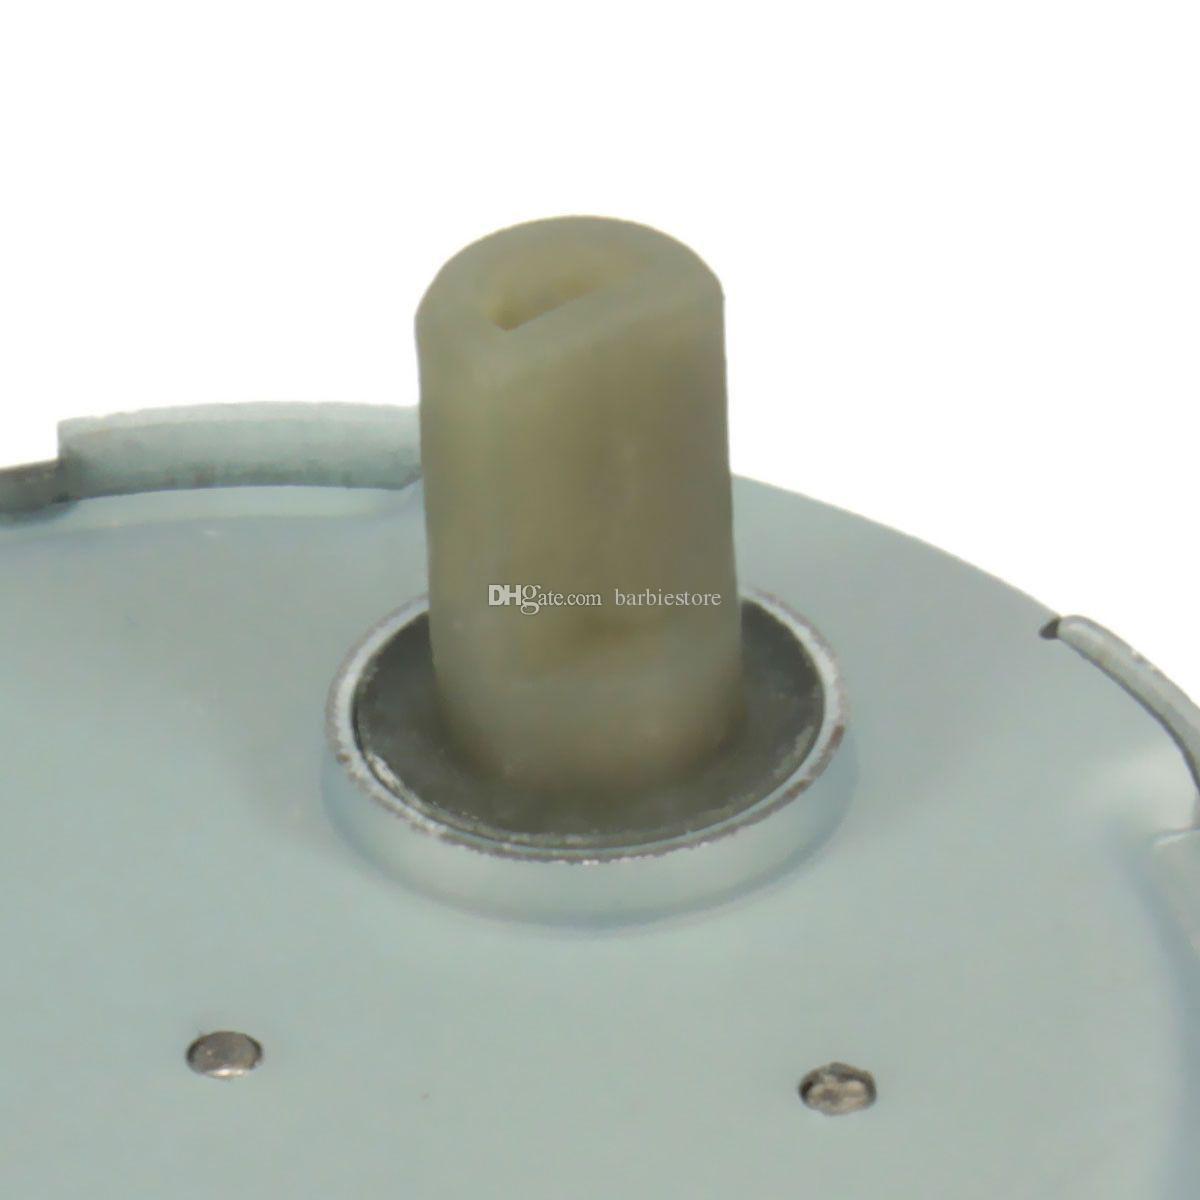 Moteur synchrone TYJ50-8A7 D de table tournante de table tournante de micro-ondes B00237 BARD